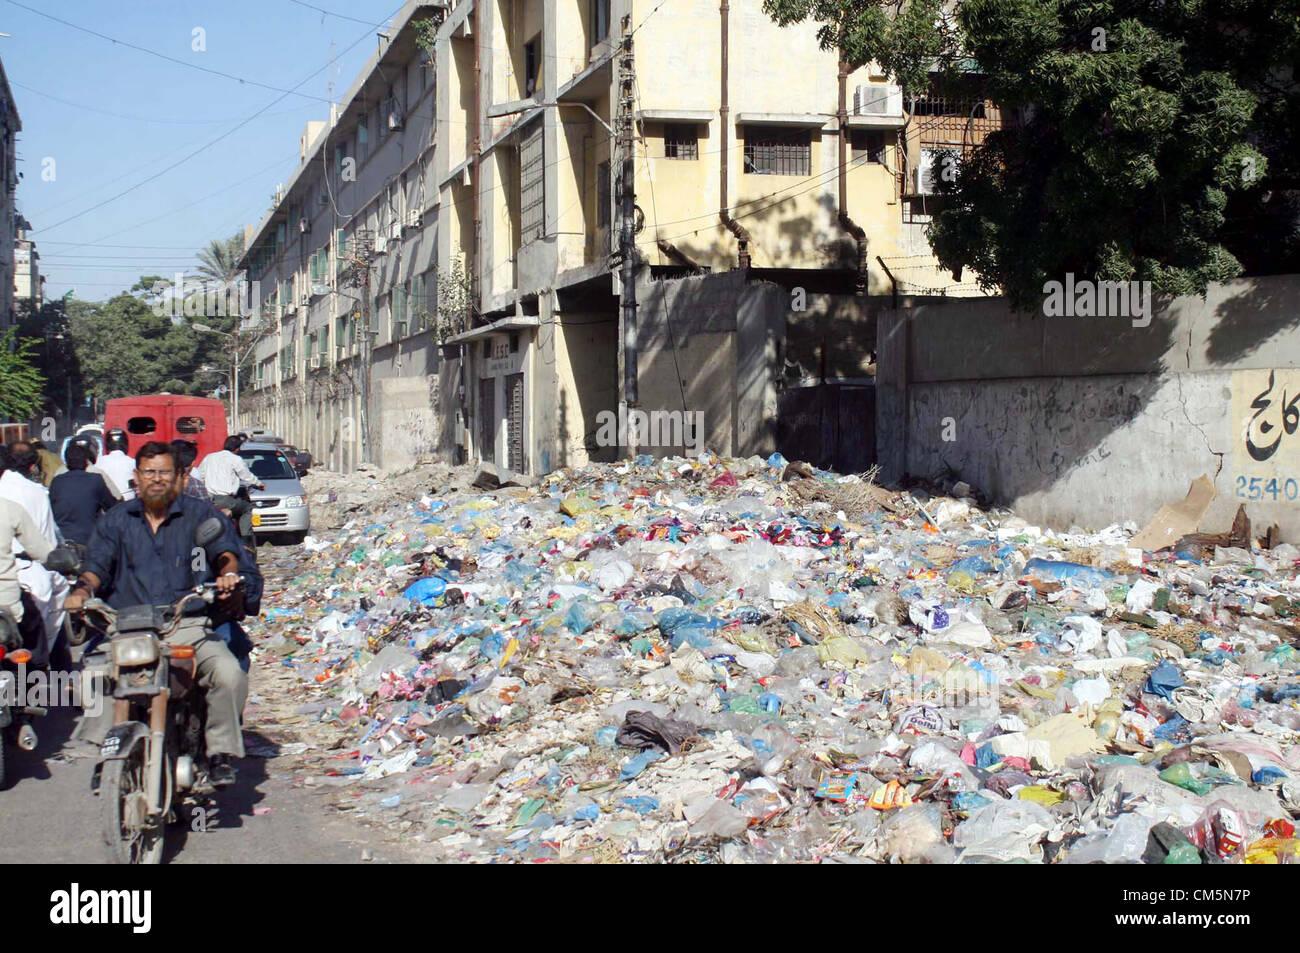 Stinky basura regada en la calle fuera de Kamal Ataturk camino ...